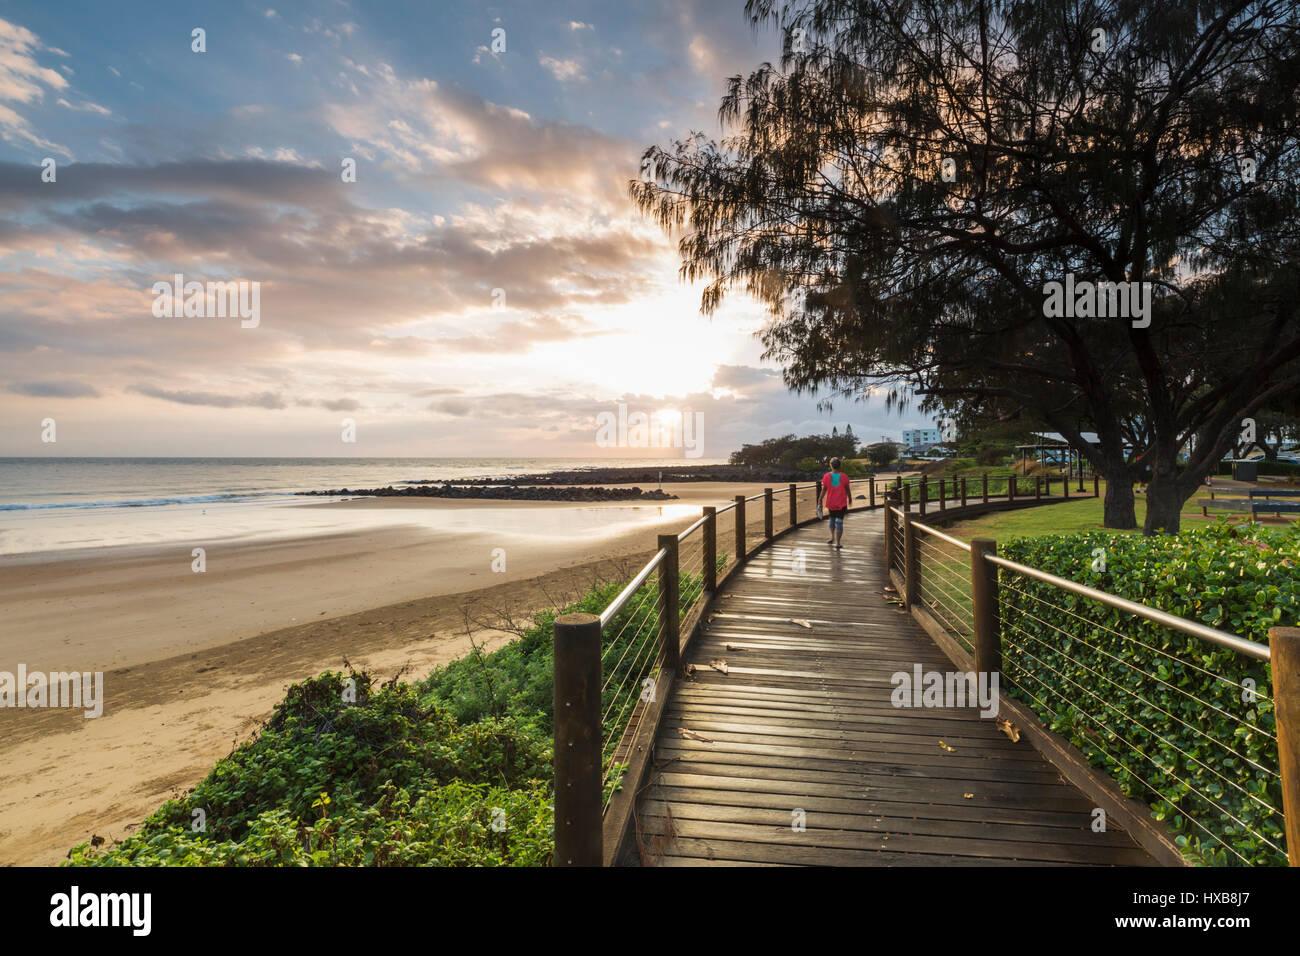 Temprano en la mañana walker en la Esplanade Boardwalk en Bargara Beach, Bundaberg, Queensland, Australia Foto de stock